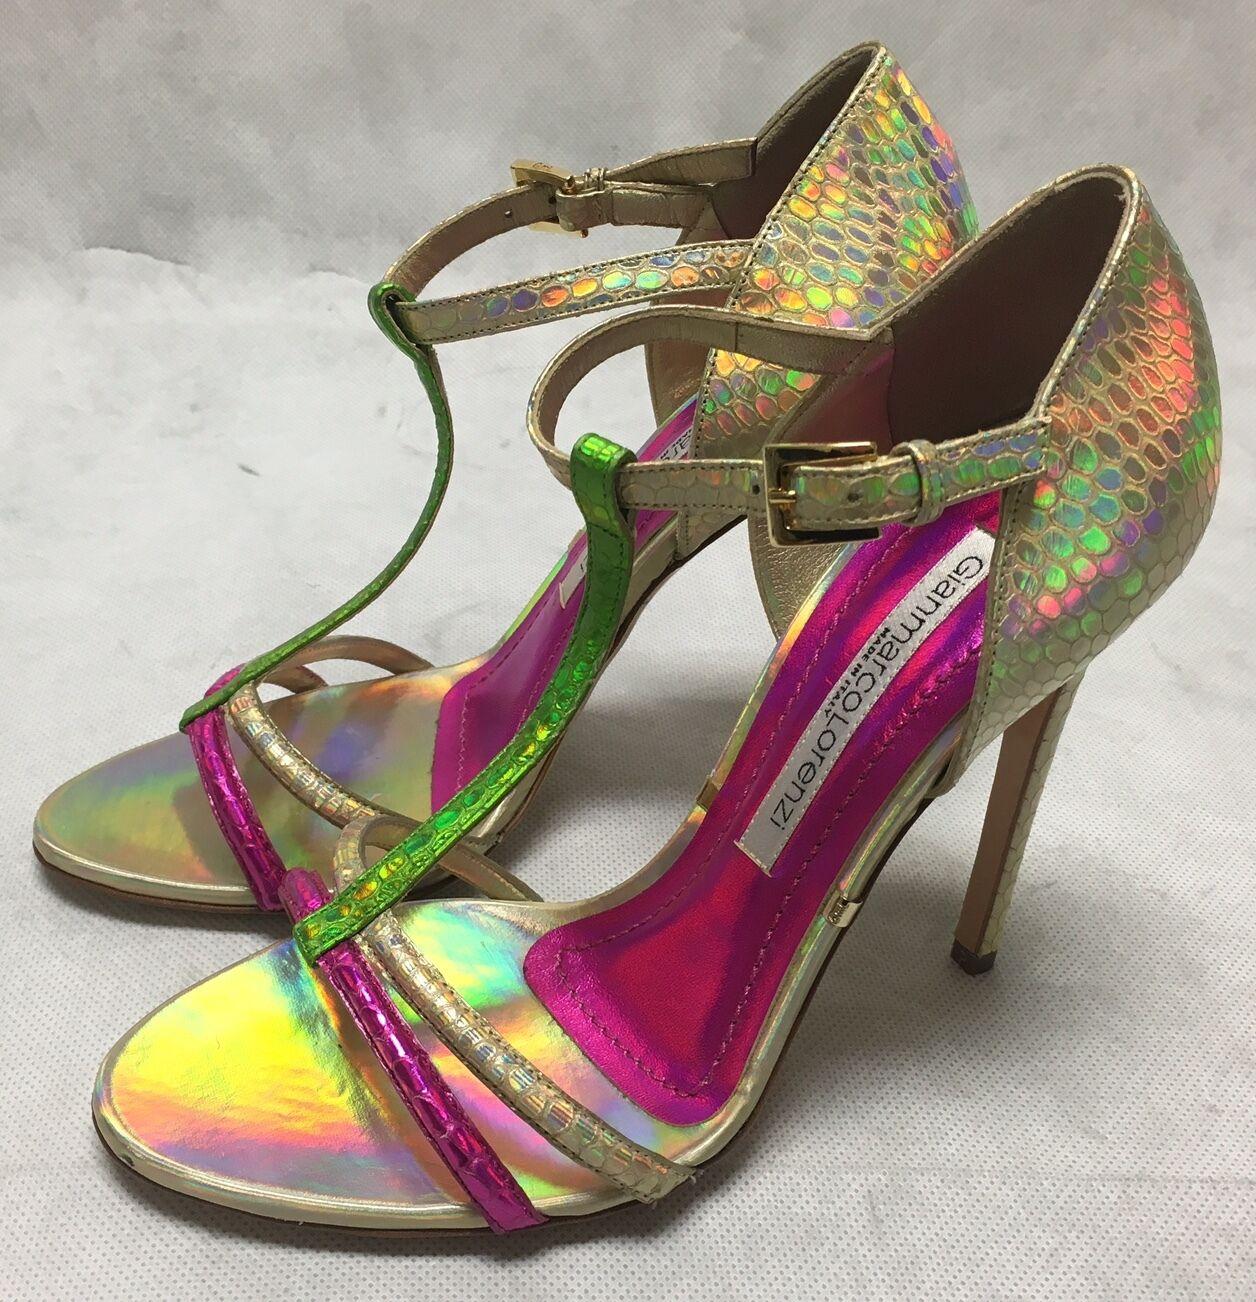 Gianmarco Lorenzi Hologram/pink/green/champagne/gold Sandal Heels. Various Sizes